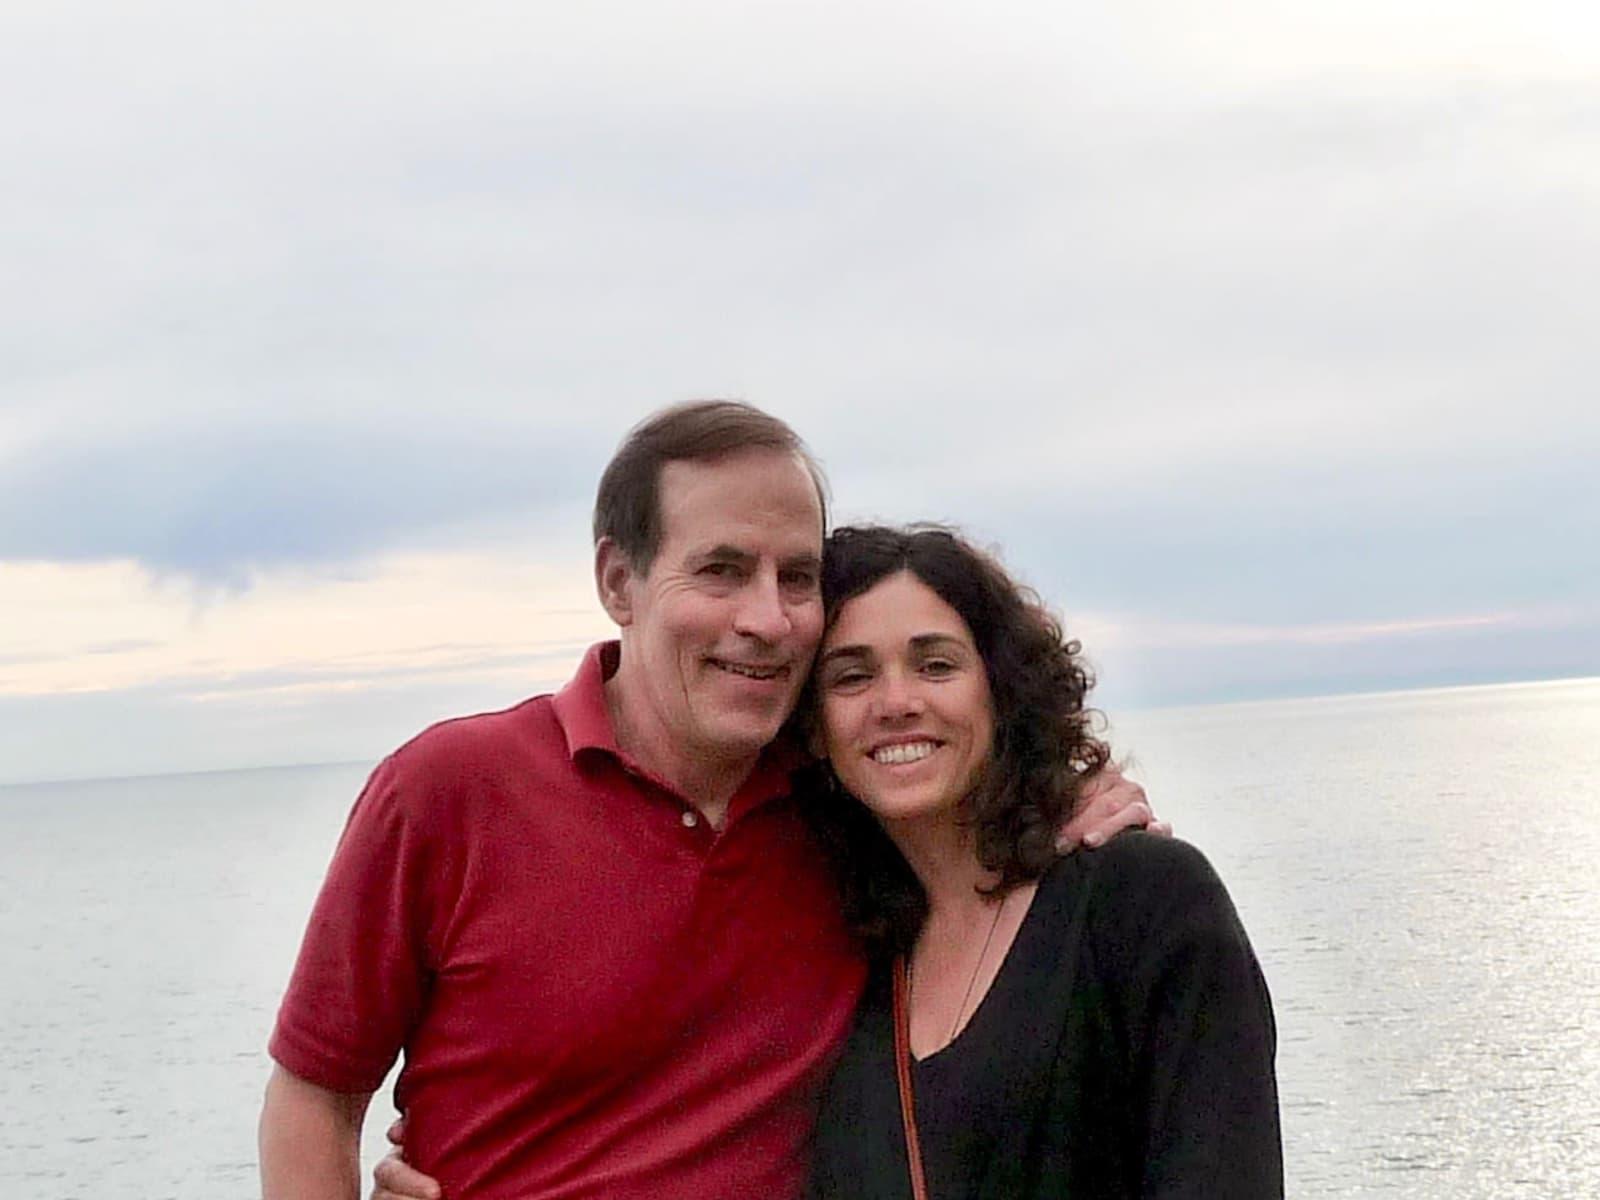 Mark & Kelly from Santa Rosa, California, United States